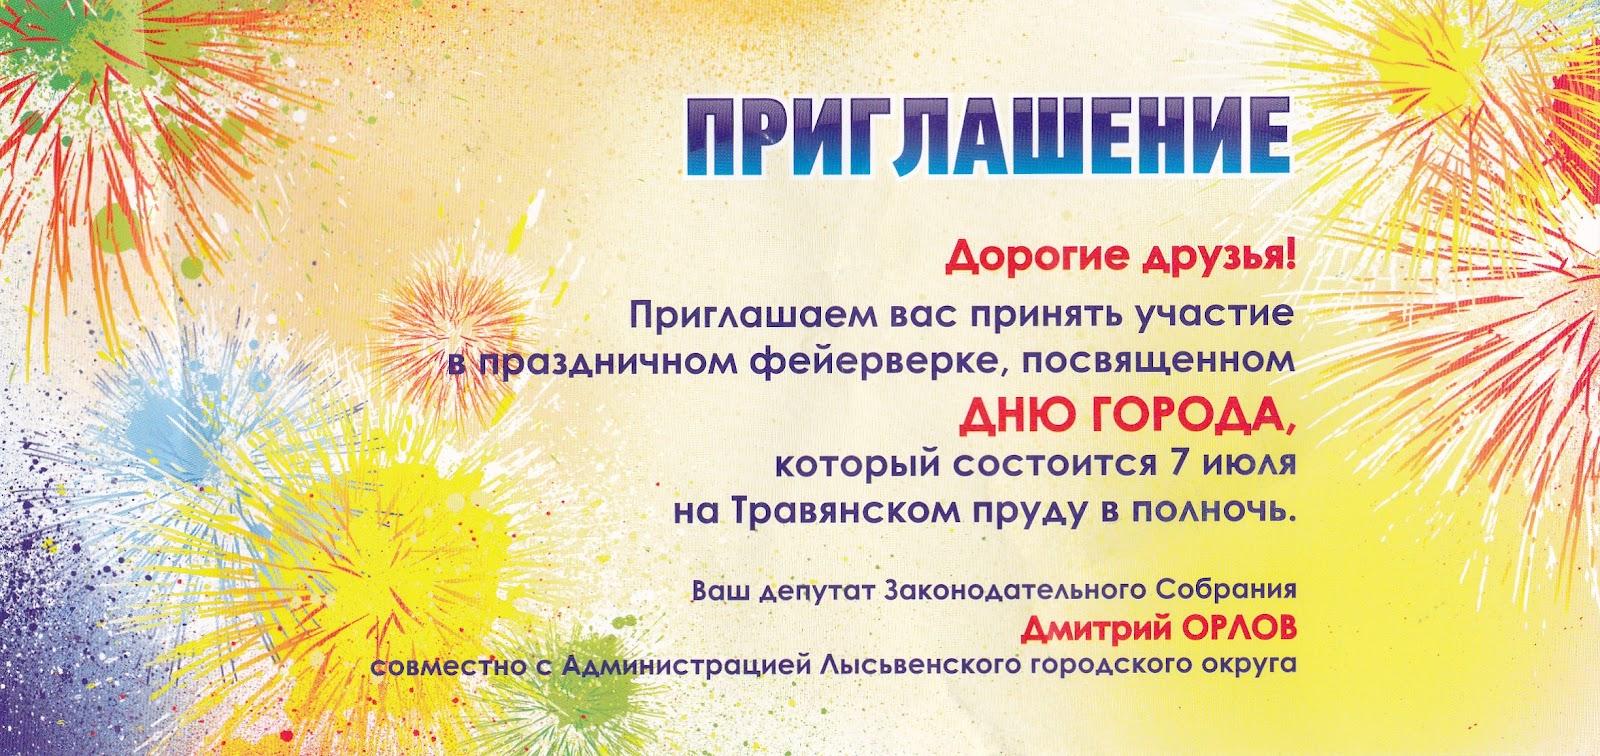 Текст приглашения на день села